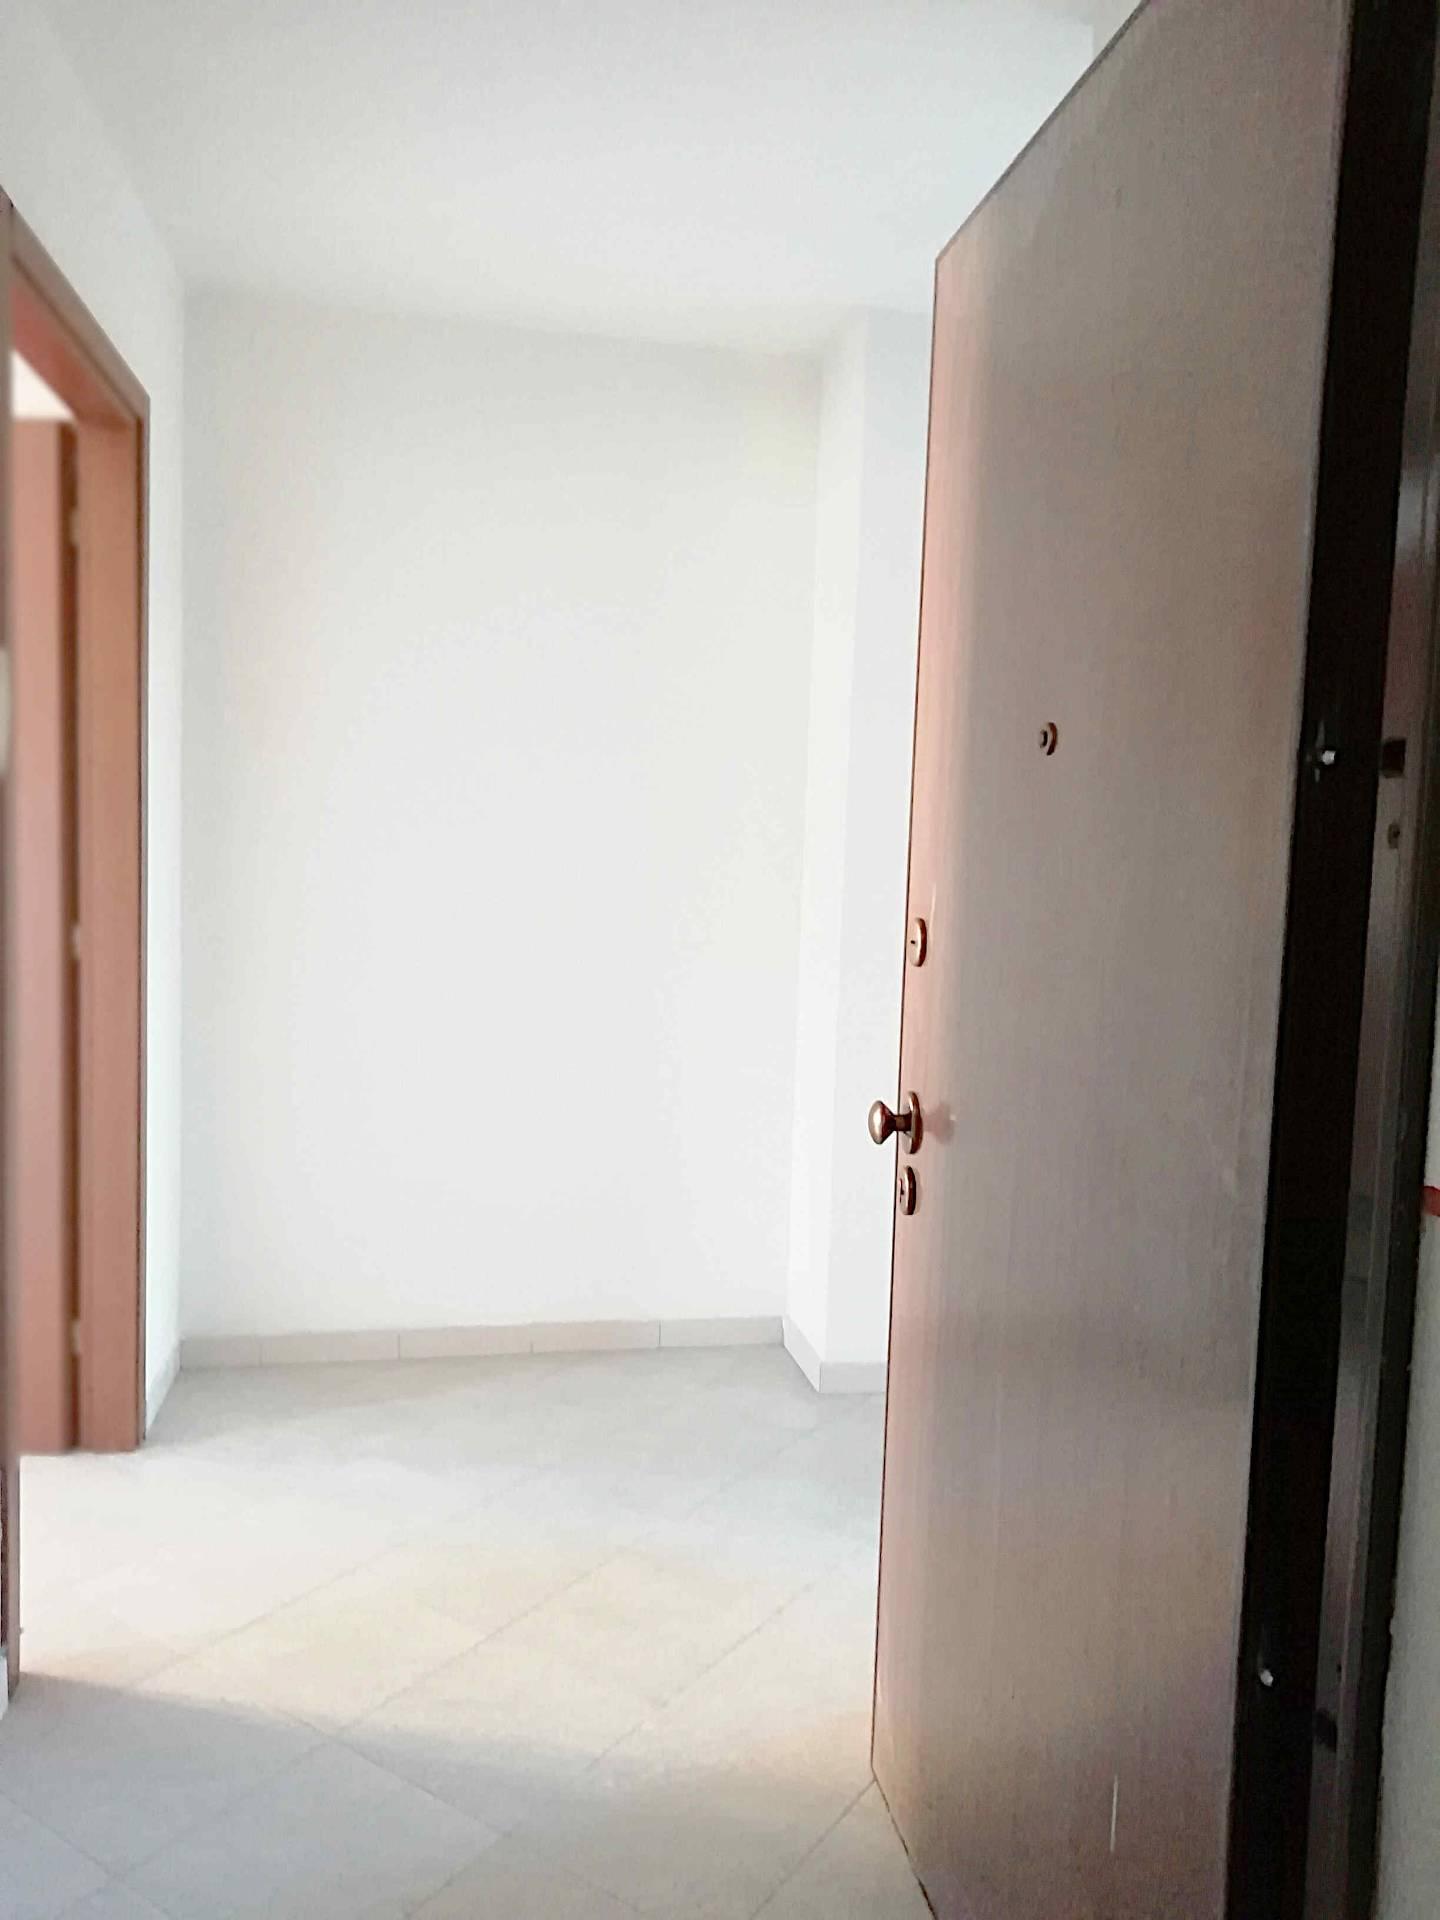 Appartamento in vendita a Lonate Ceppino, 3 locali, prezzo € 94.000 | PortaleAgenzieImmobiliari.it